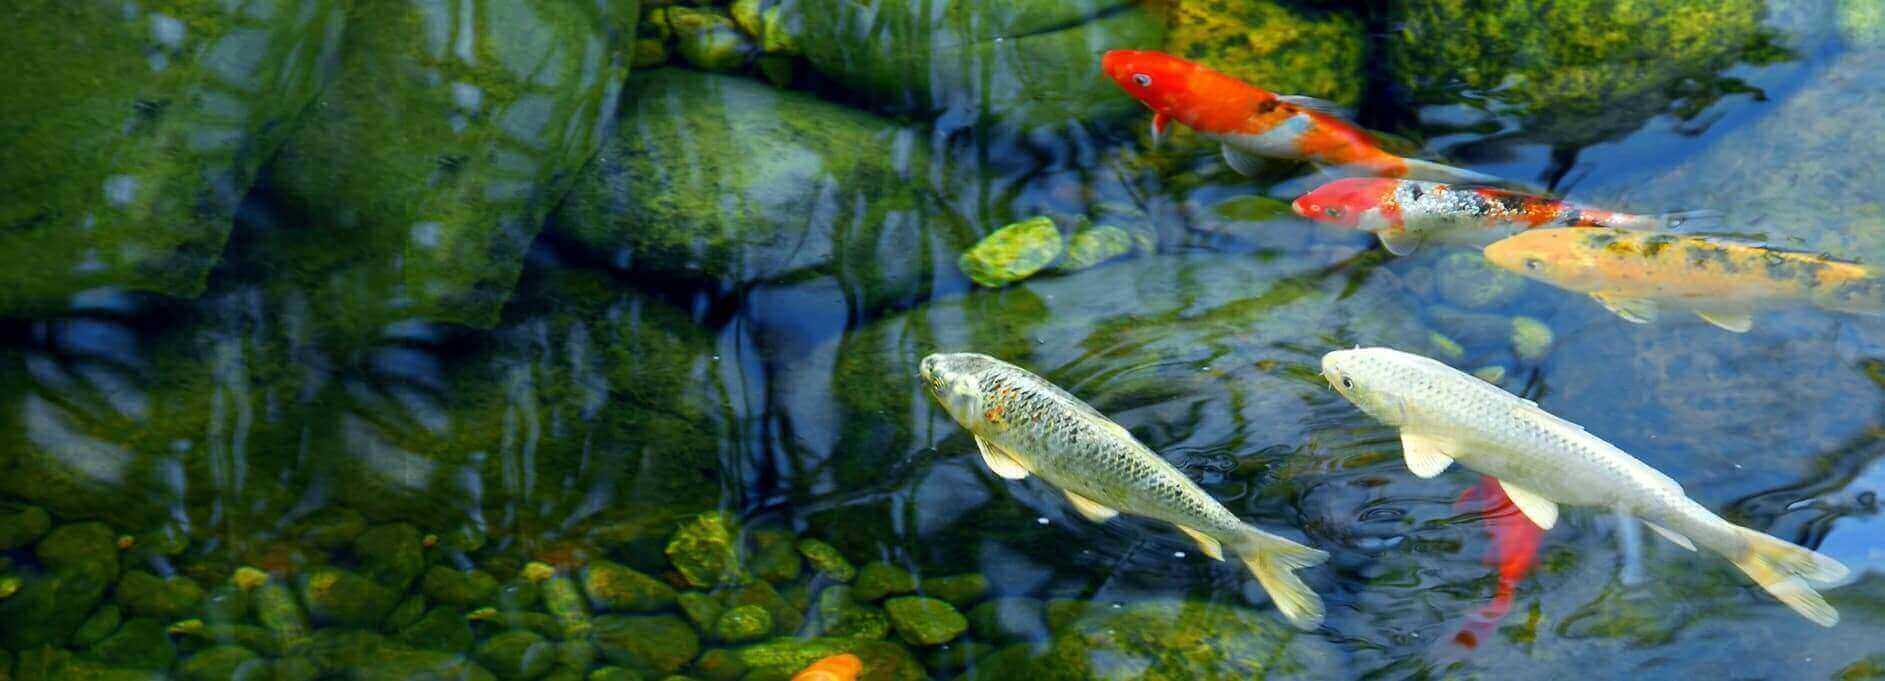 Fitz's Fish Ponds